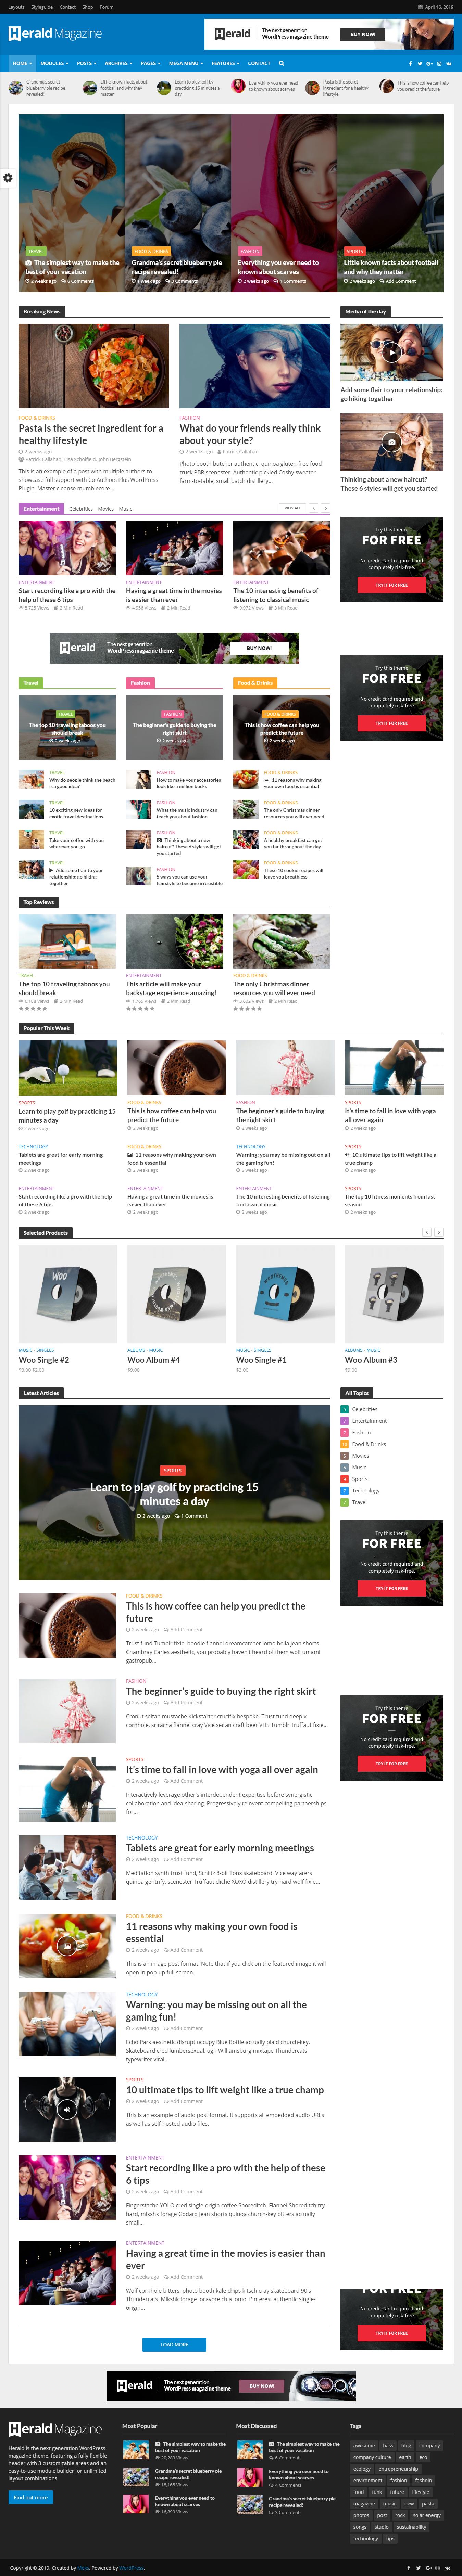 herald best premium review wordpress theme - 10+ Best Premium Review WordPress Themes